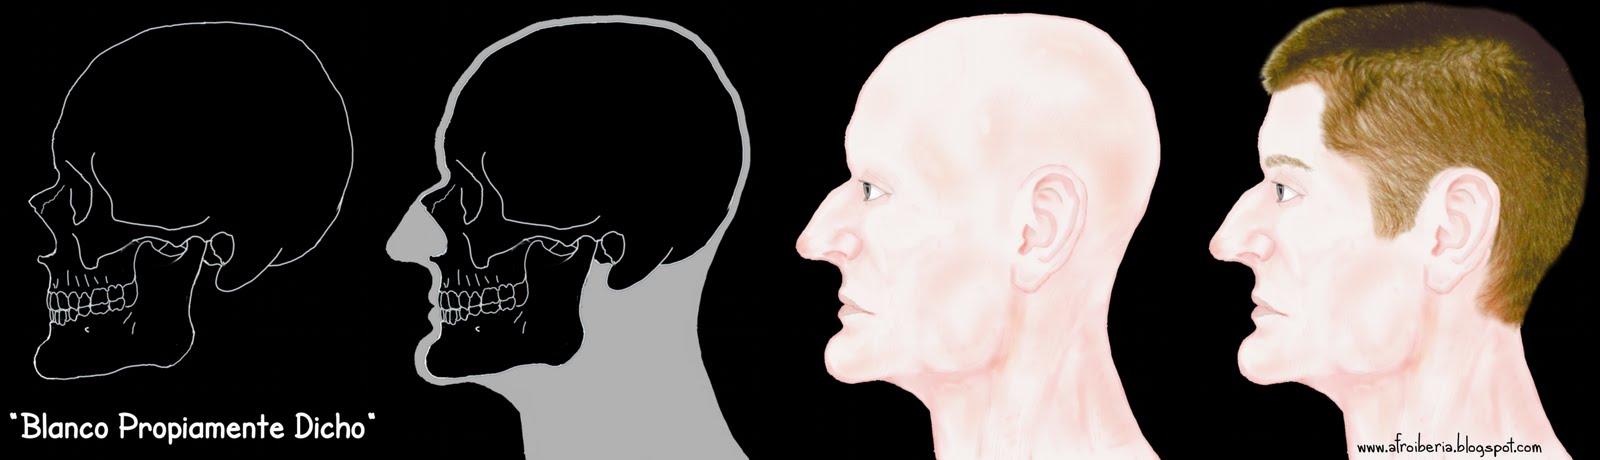 Afroiberia: Rostros del Pasado 3. Los cráneos y el racismo.